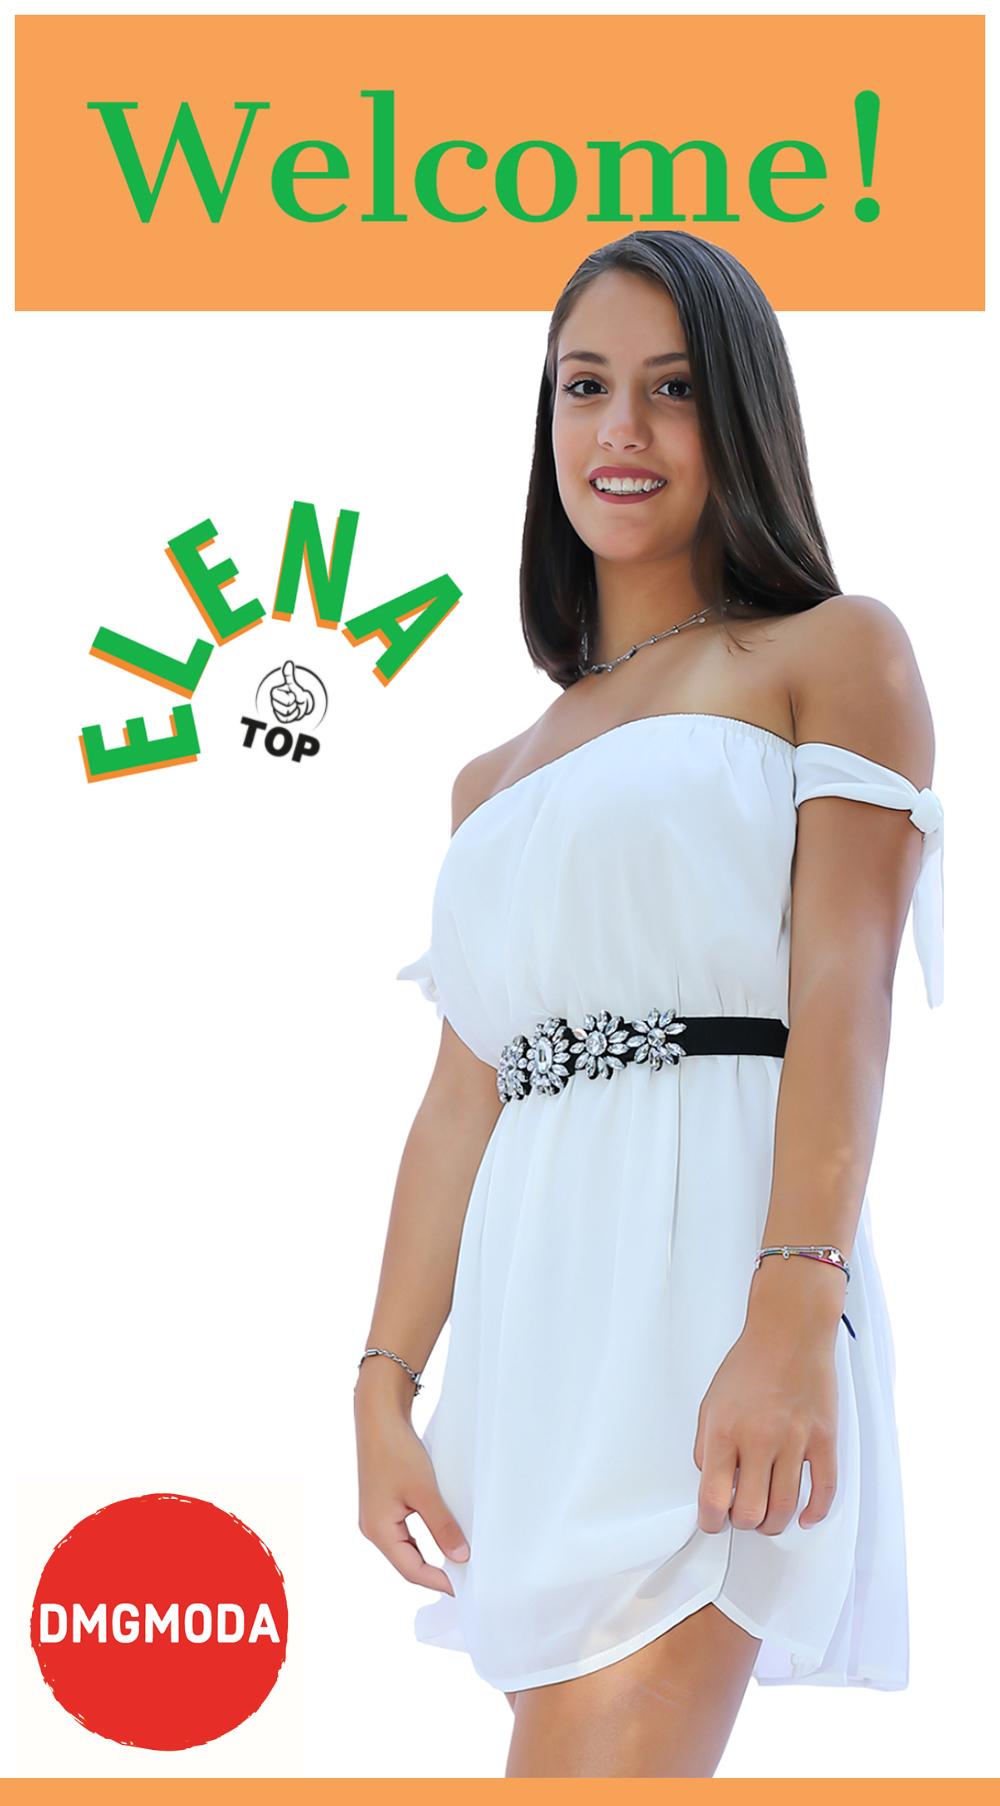 ELENA-DMG MODA